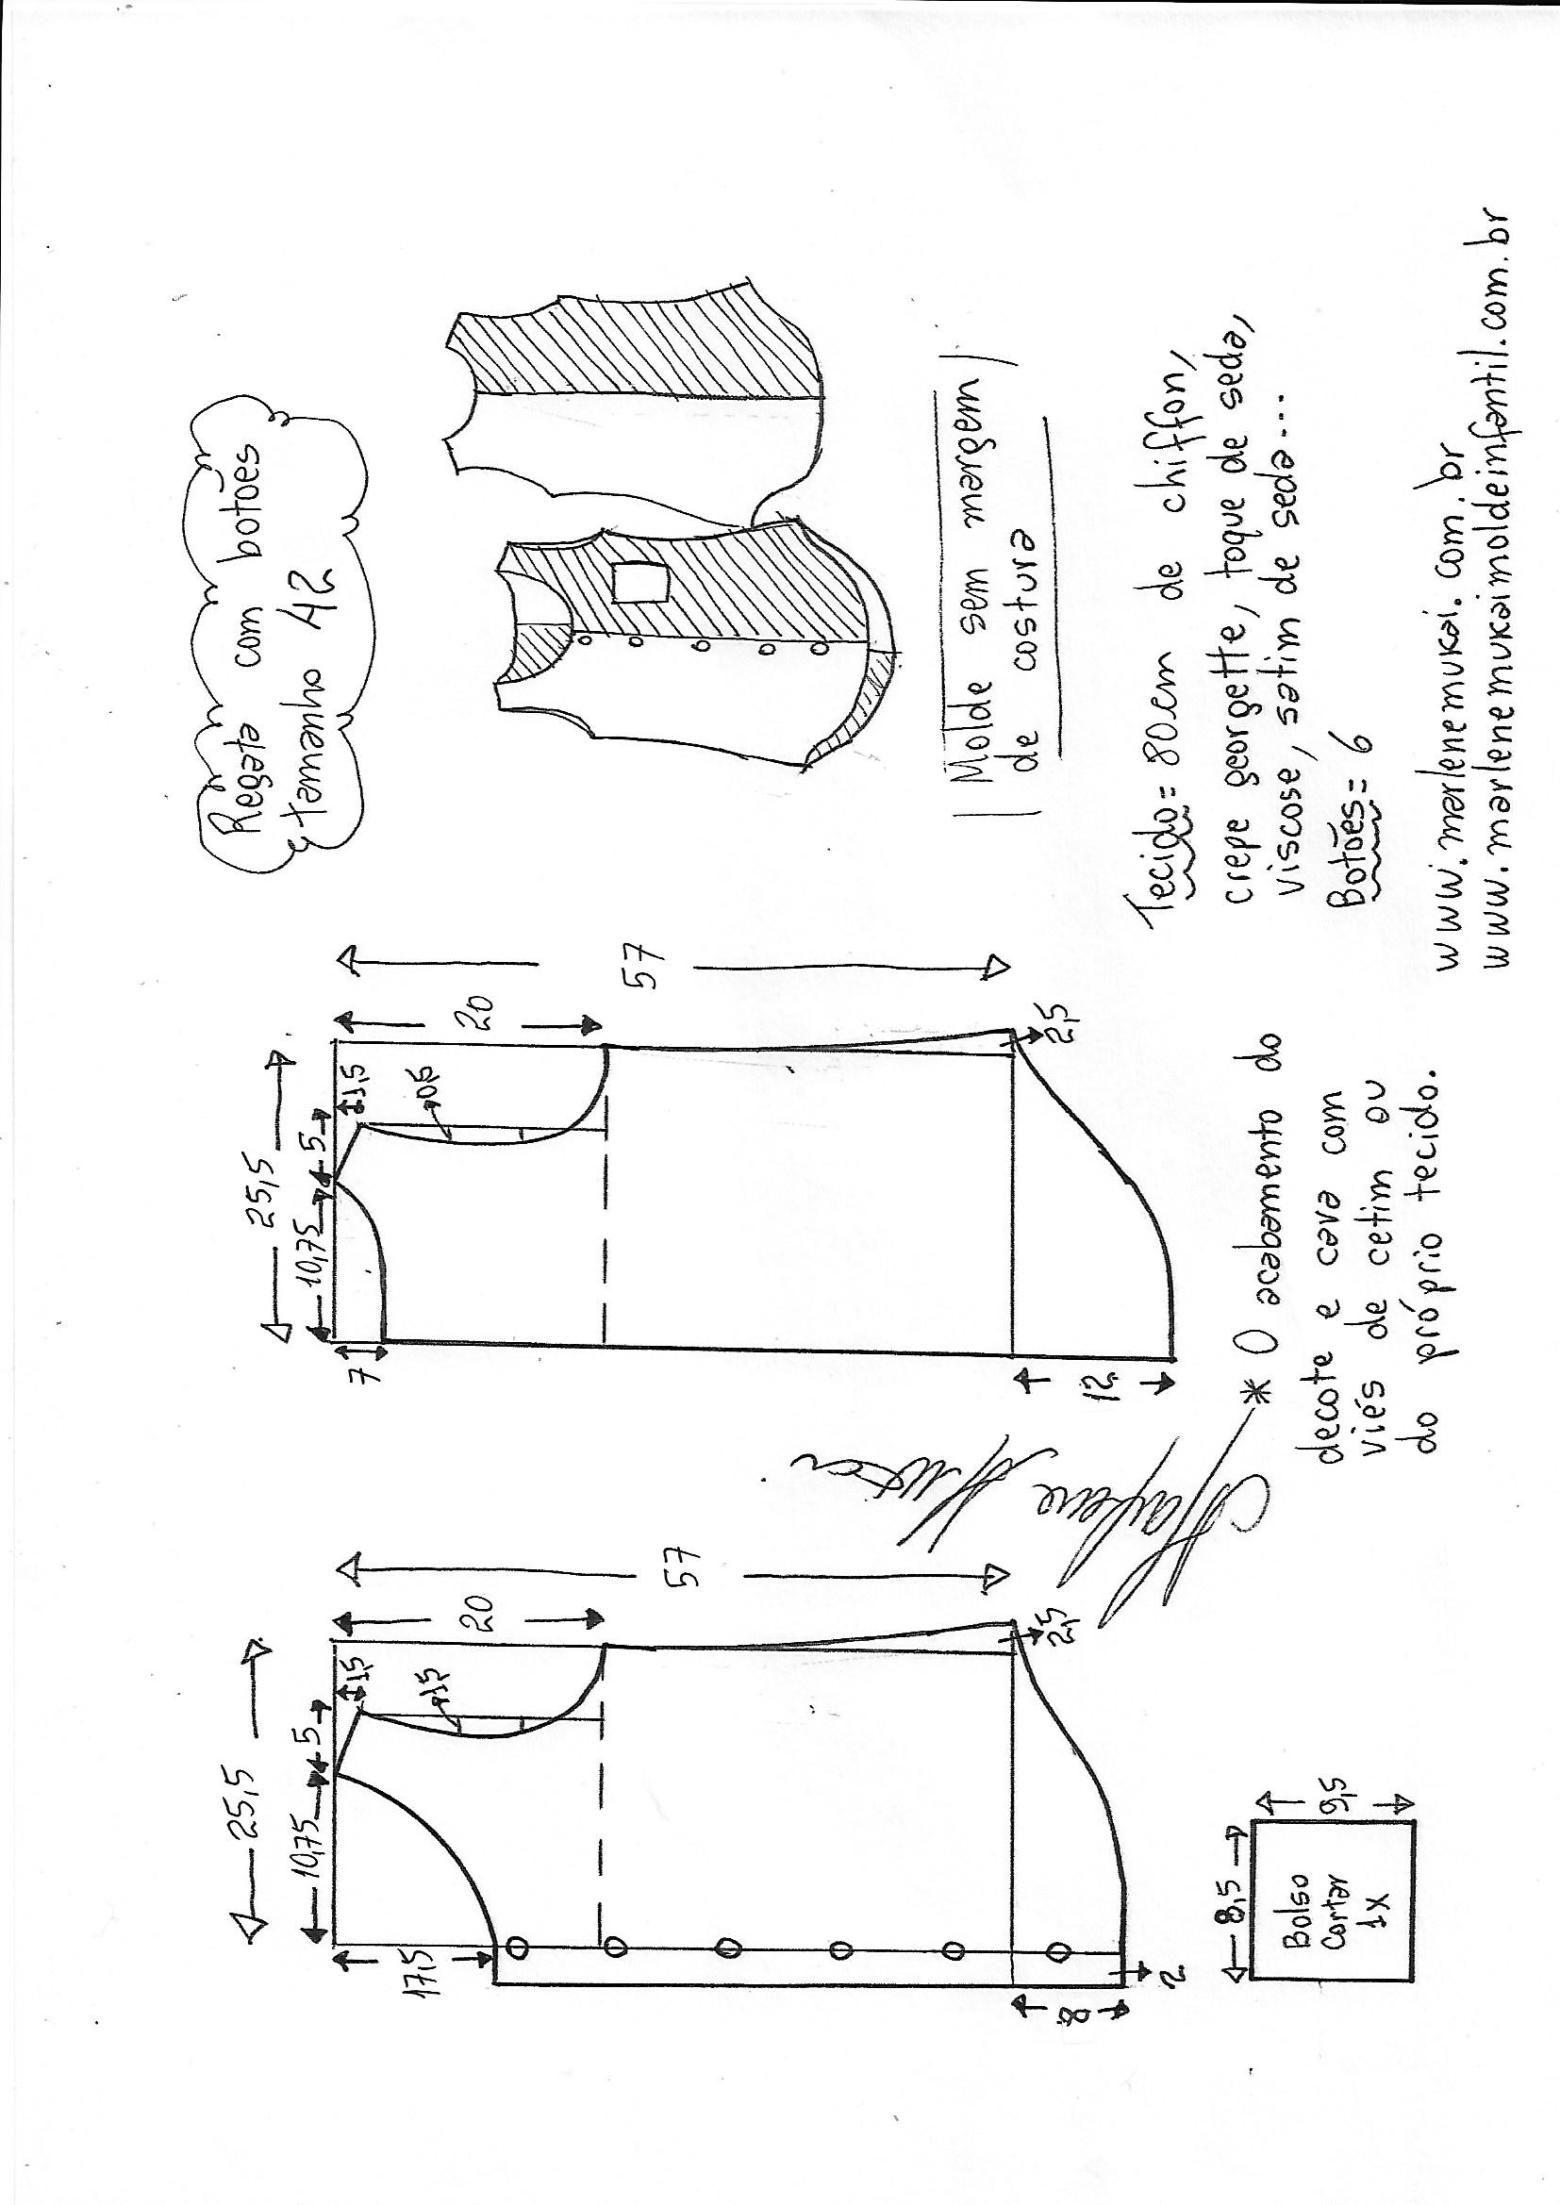 Blusa regata com botões | Blusas, Costura y Molde